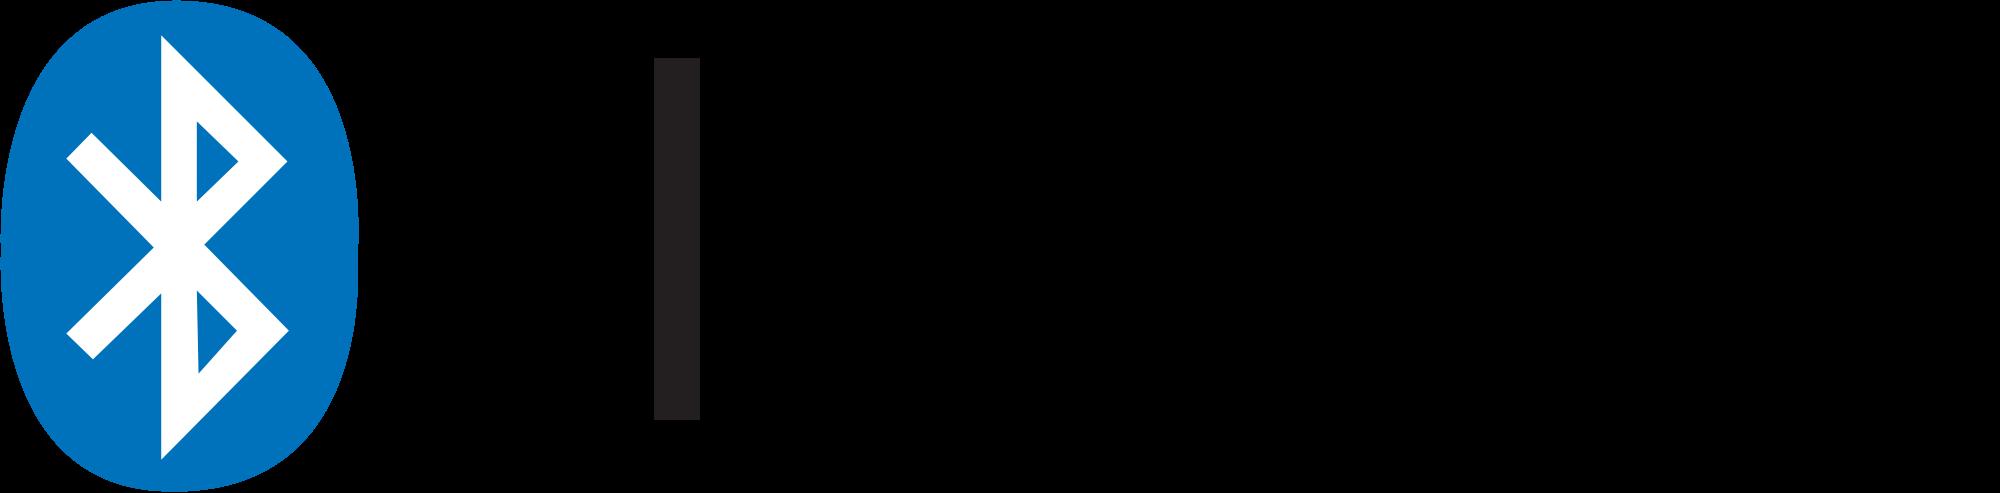 Водолазен компютър с дигитален манометър и дигитален компас ALADIN H MATRIX - Scubapro